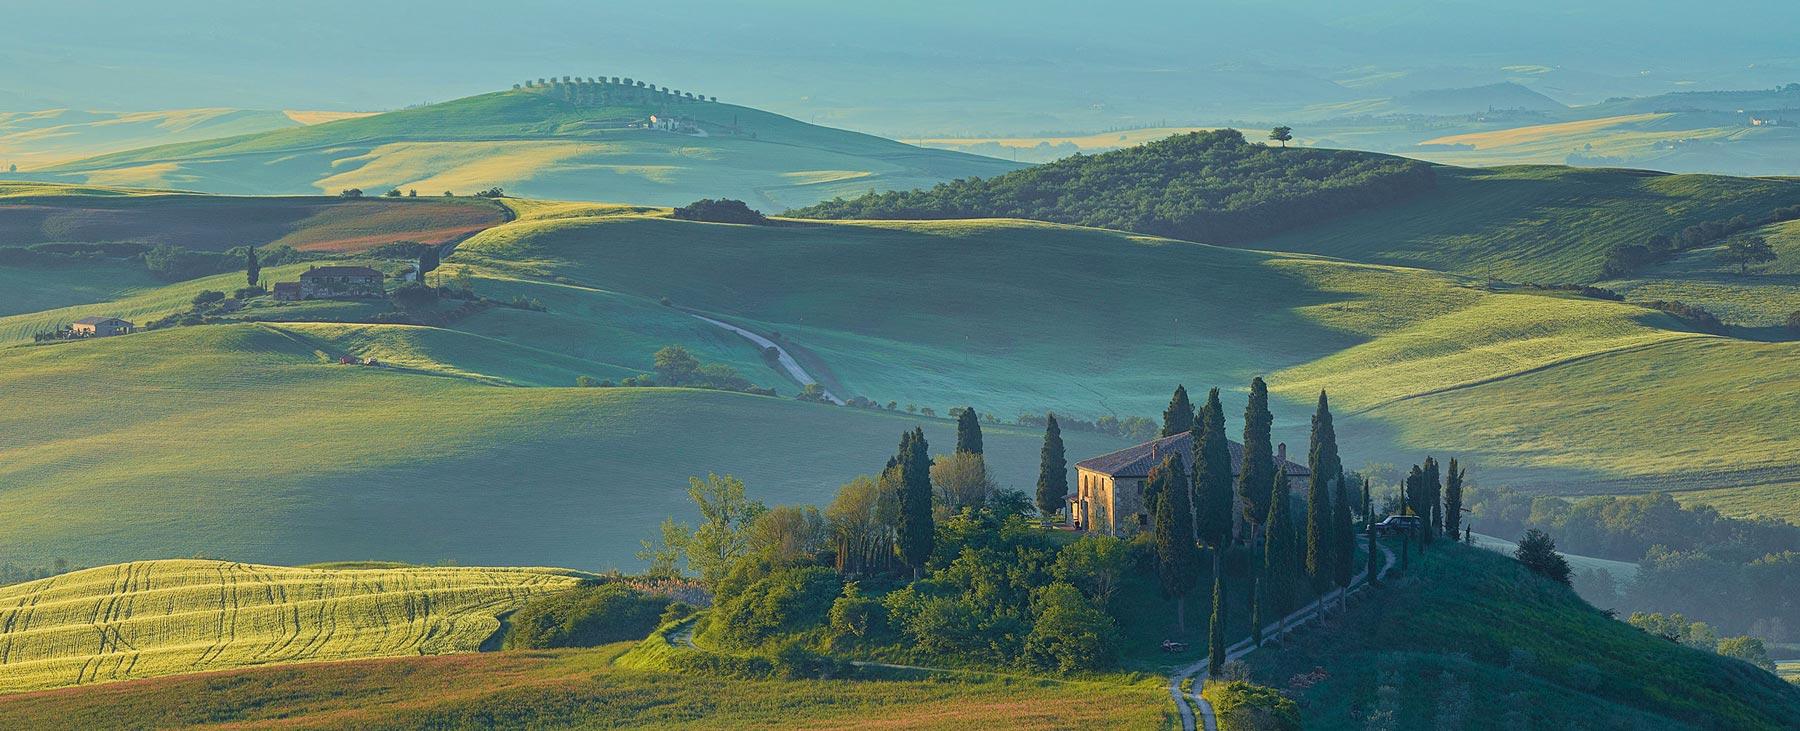 Nella cornice di parchi naturali disseminati nel centro Italia – dalla Toscana, all'Emilia Romagna, alla Liguria – prendono vita storie che parlano di mondi fantastici. Accampamenti medievali, enigmi e rovine da esplorare